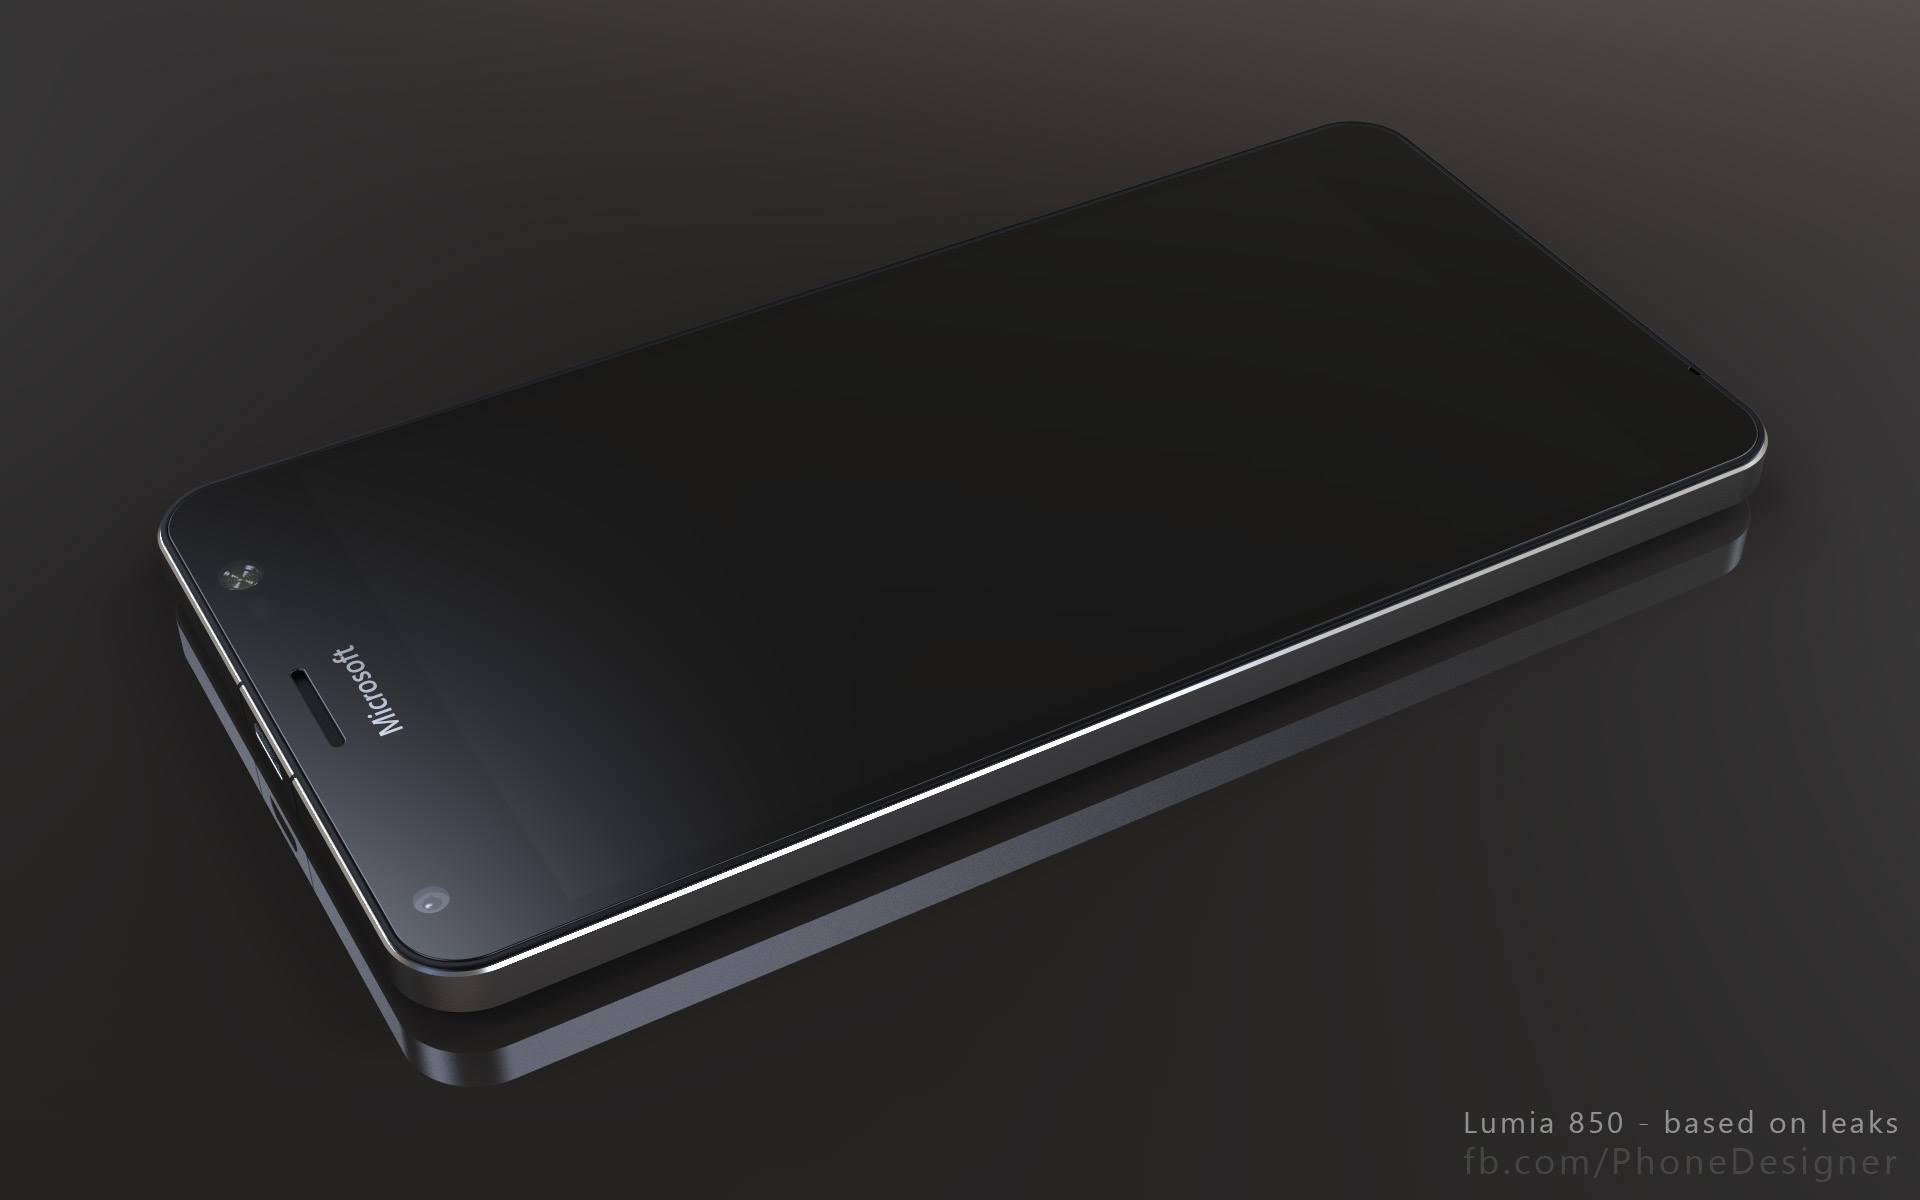 Microsoft-Lumia-850-renders-based-on-leaks